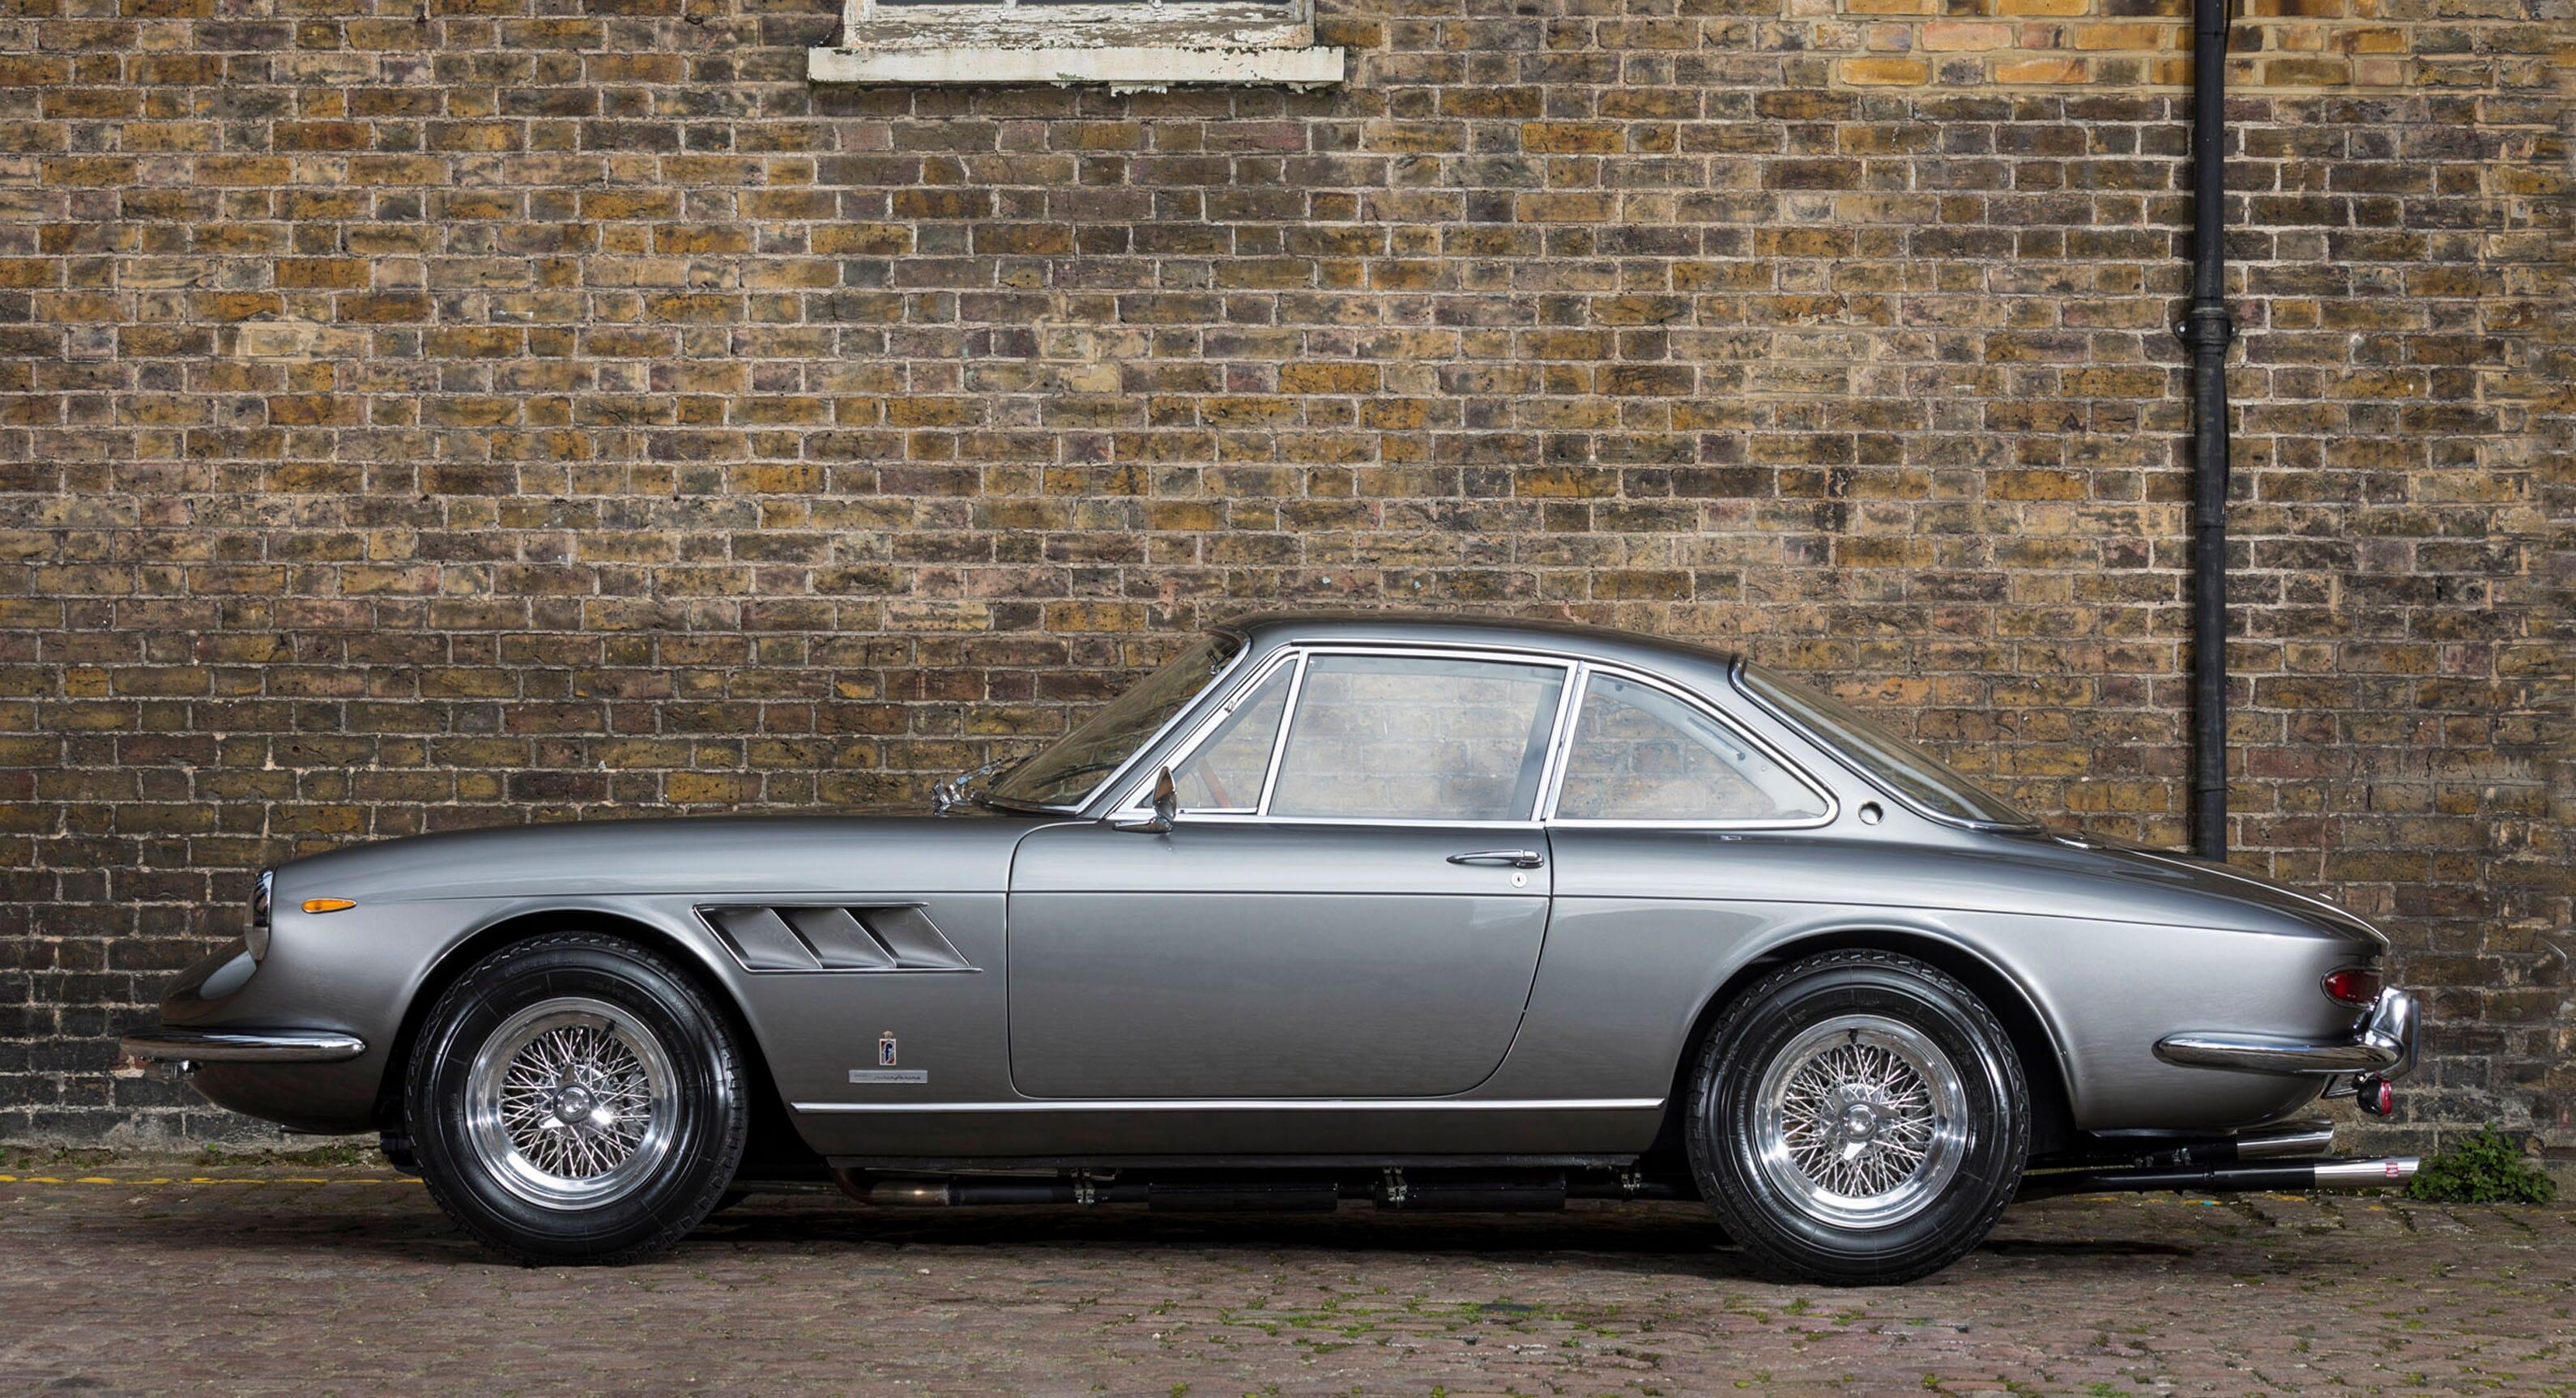 Classic Car Find of the Week: 1966 Ferrari 330 GTC